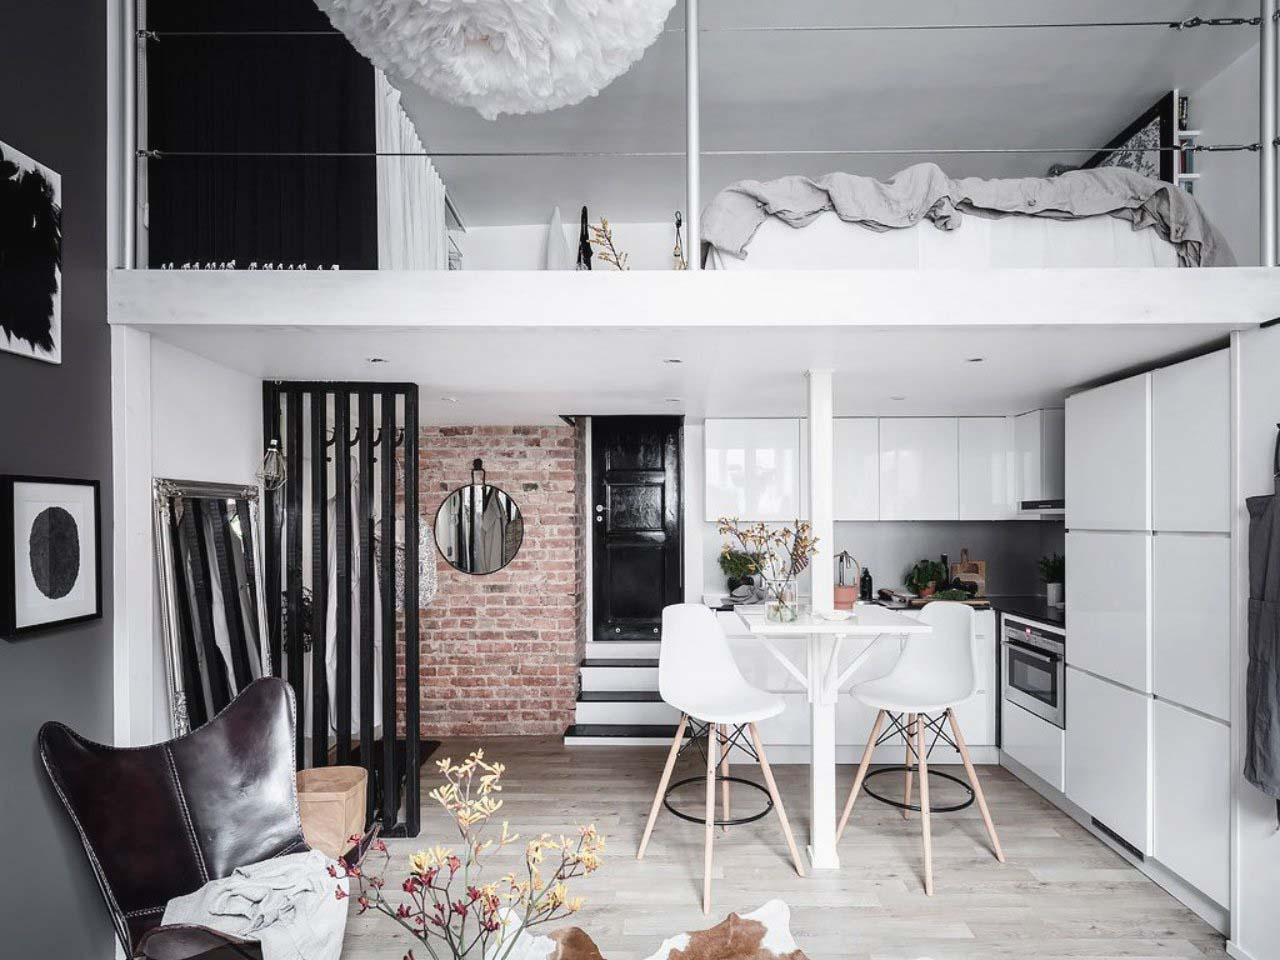 thiết kế gác xép cho chung cư